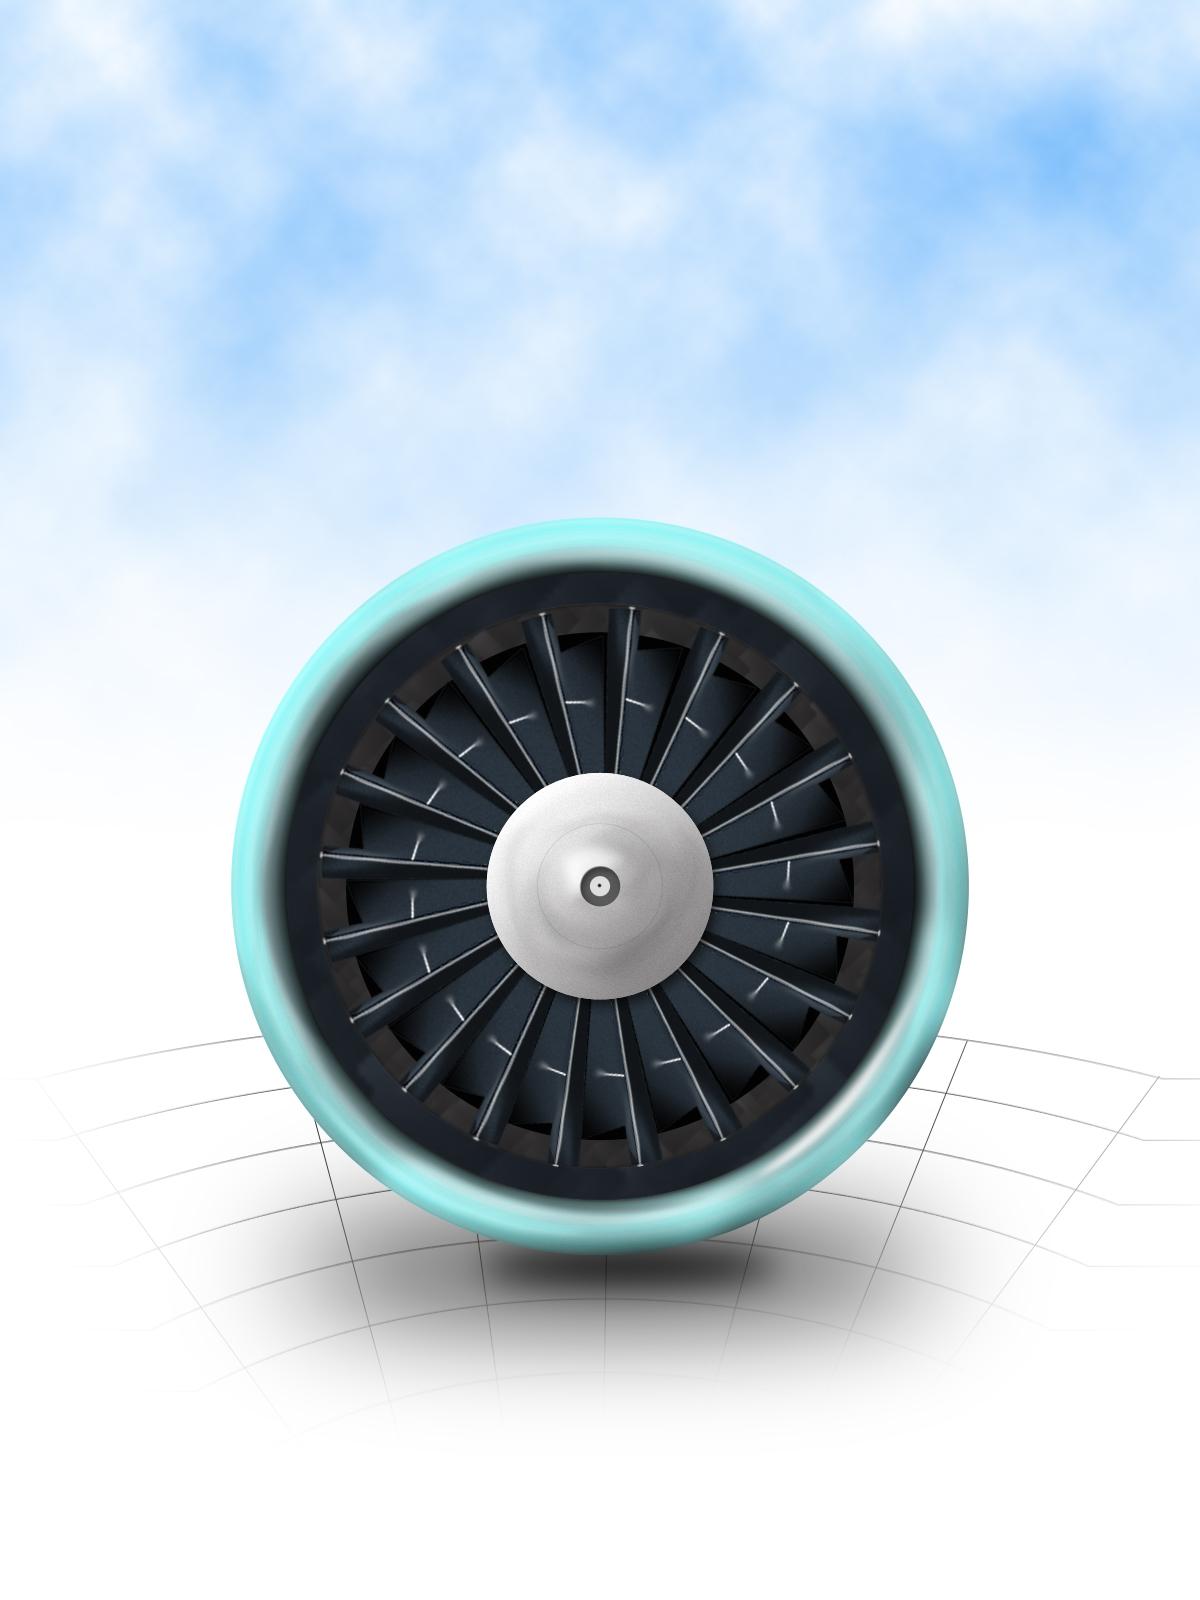 临摹追波上一个飞机引擎的图标